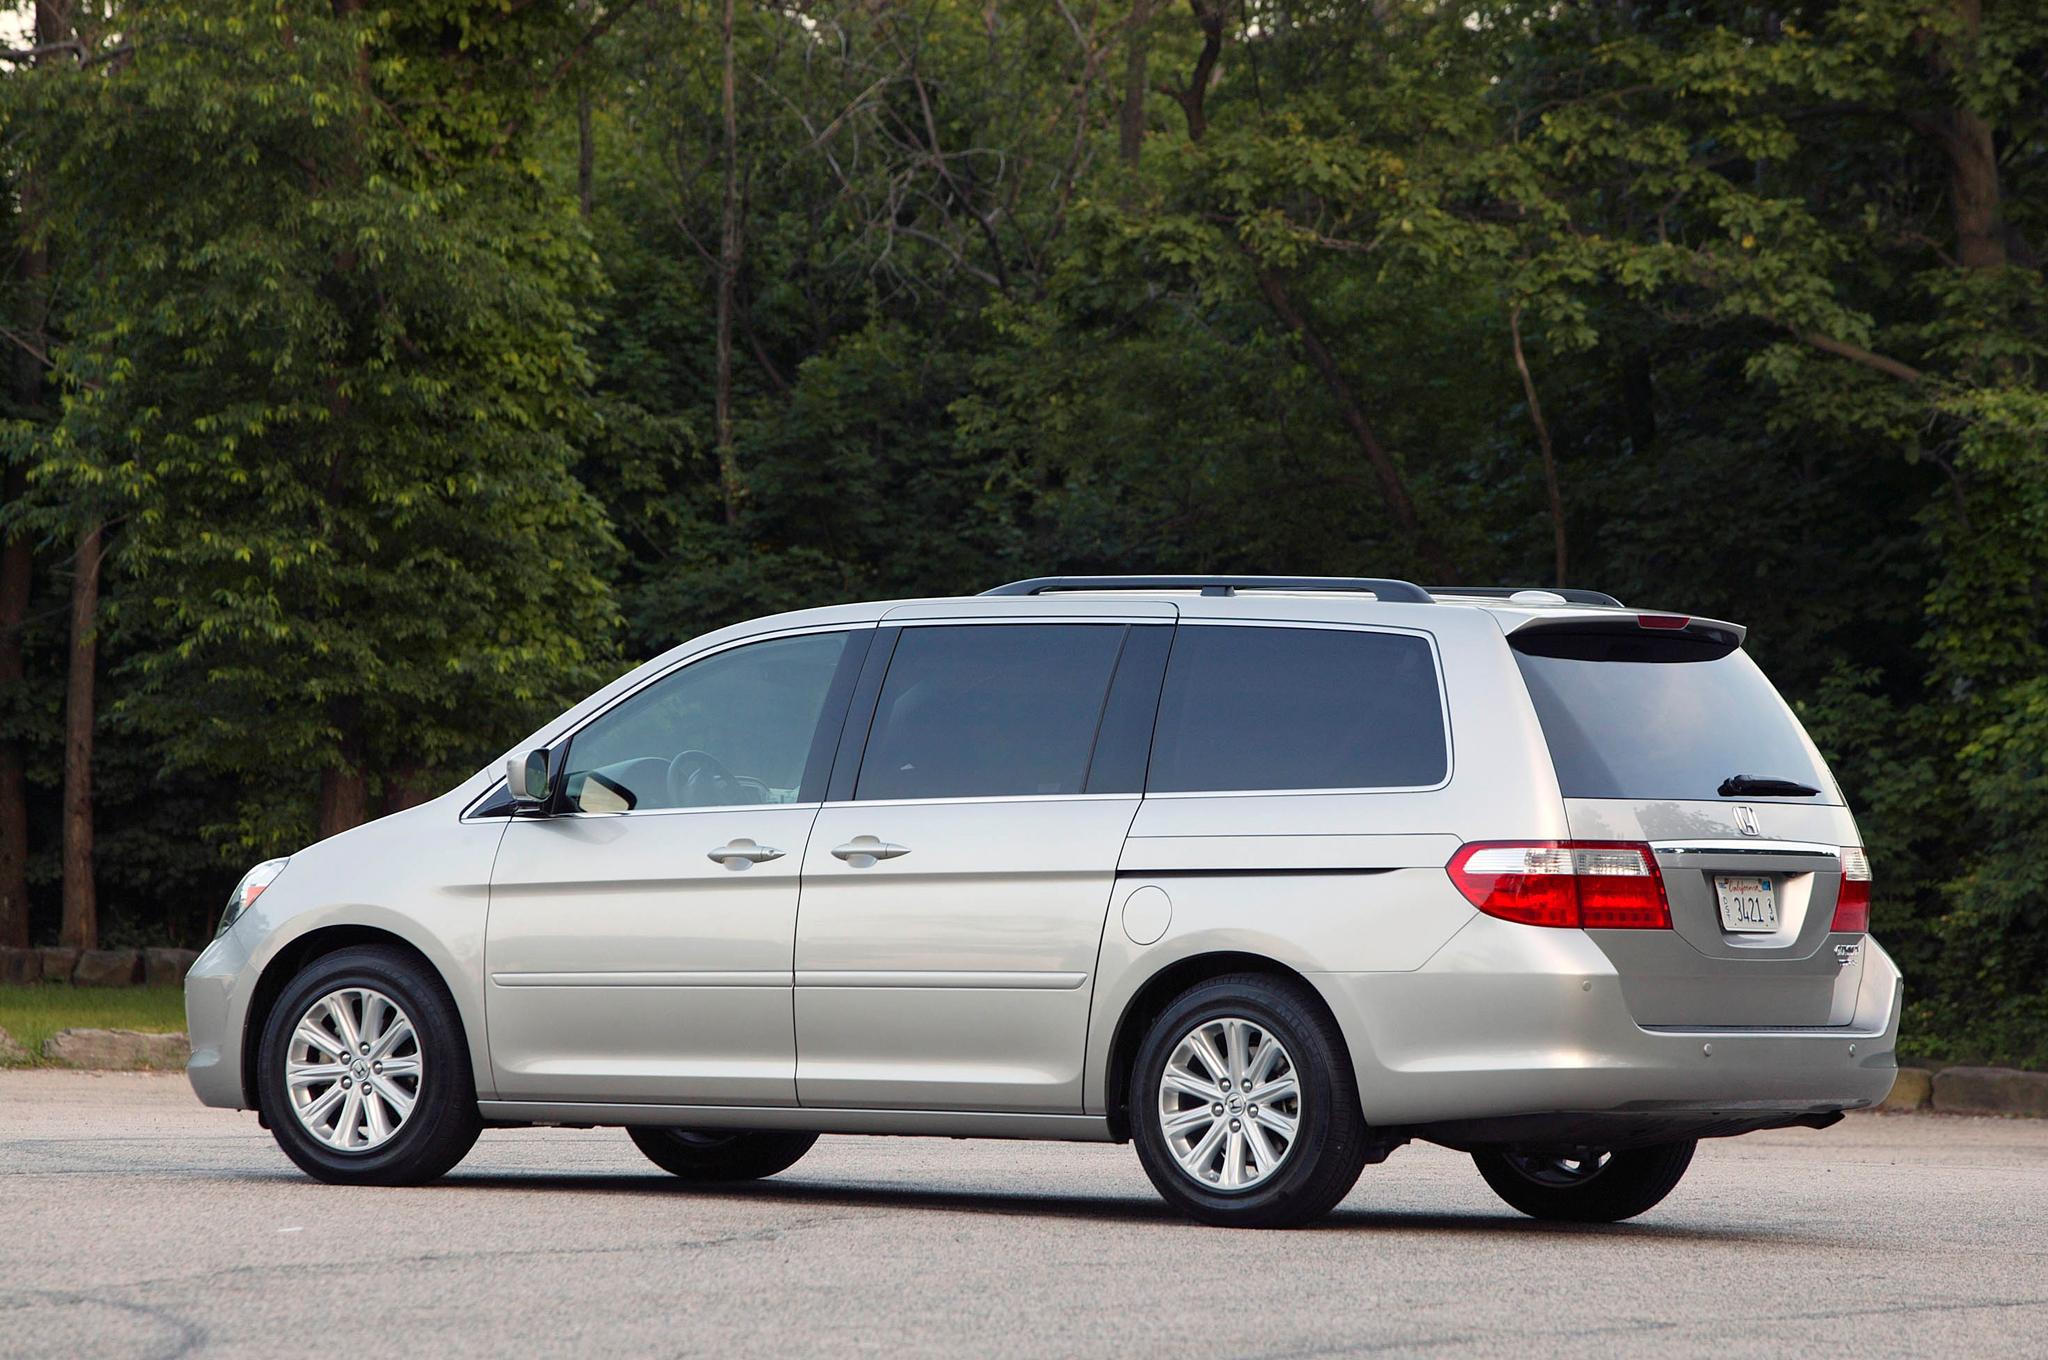 2007 Honda Odyssey #17 Honda Odyssey #17